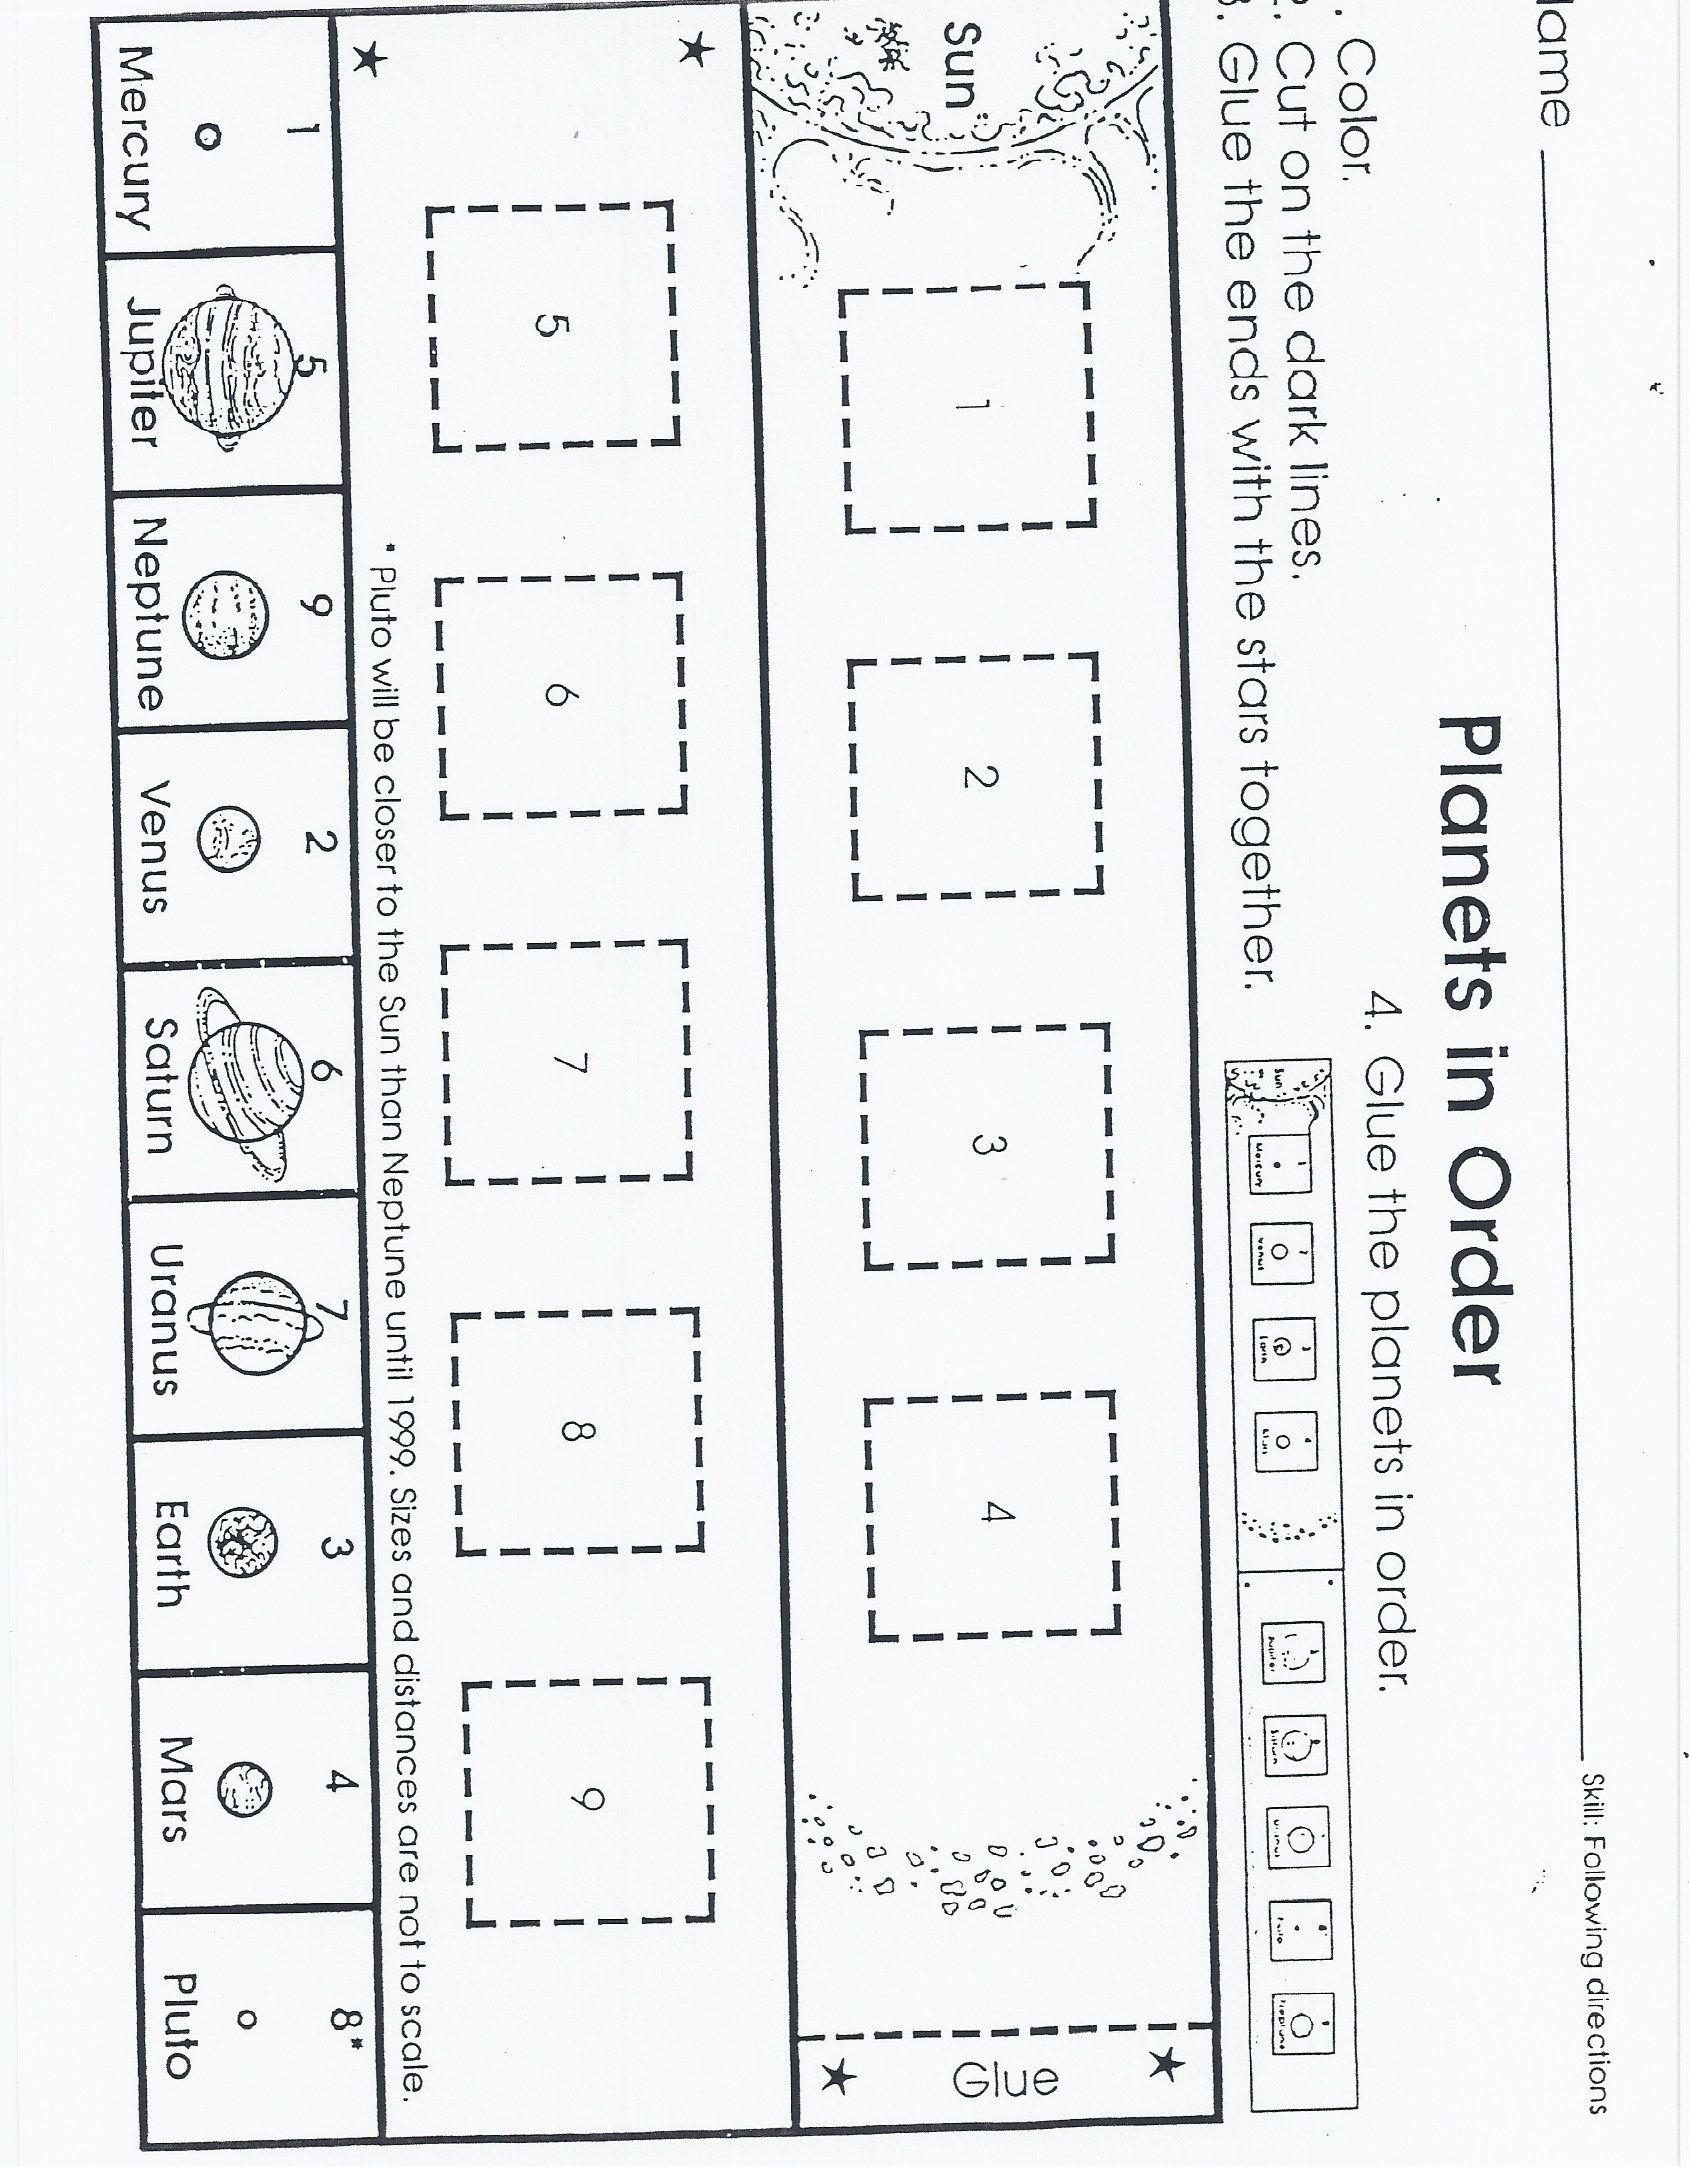 Outer Space Kindergarten Nana Space Preschool Shapes Worksheet Kindergarten Space Activities [ 2167 x 1689 Pixel ]